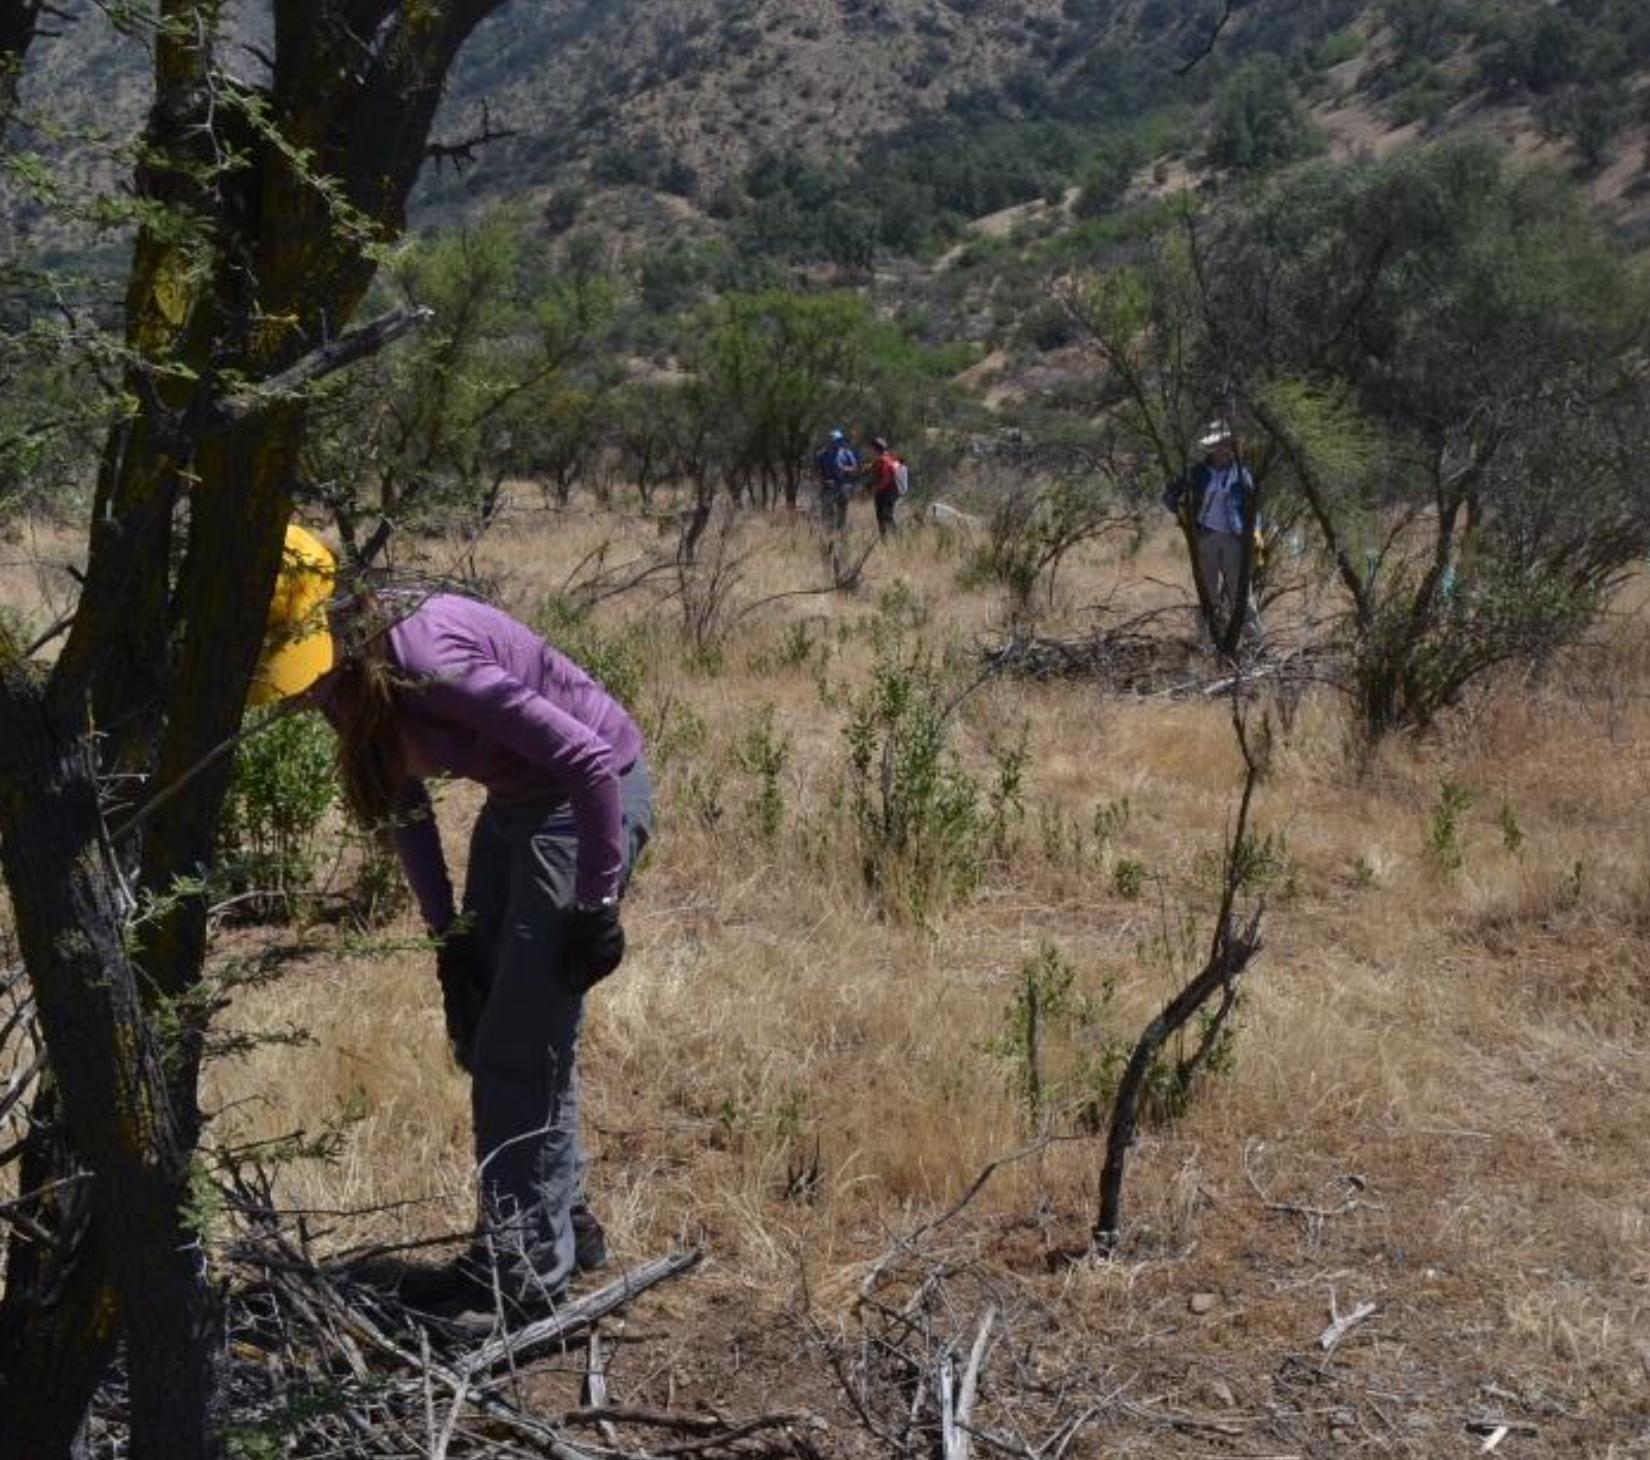 Proyecto de restauración busca recuperar Santuario de la Naturaleza Quebrada de La Plata afectado por incendio